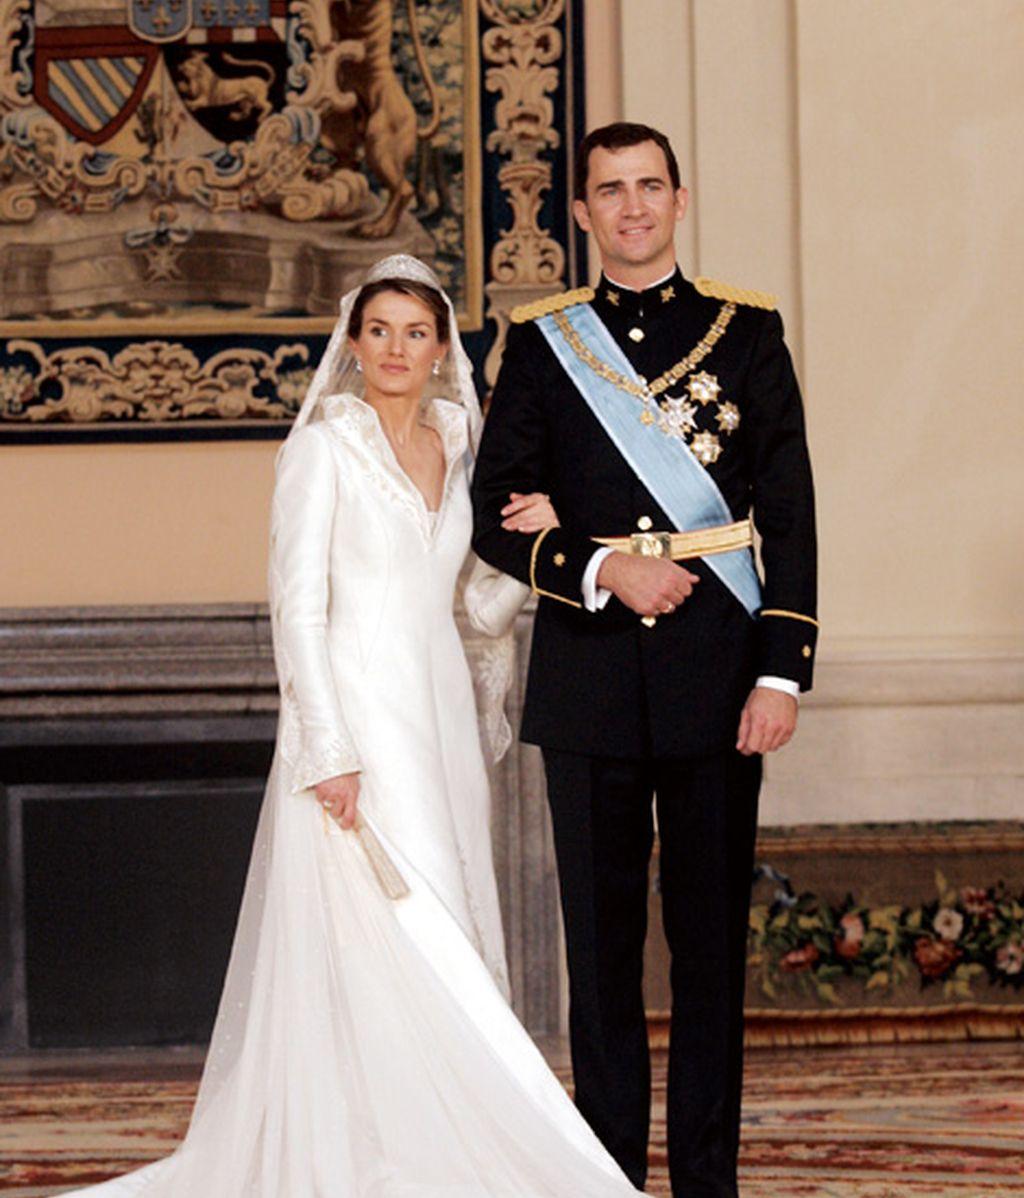 Marido y mujer (22 de mayo de 2004)